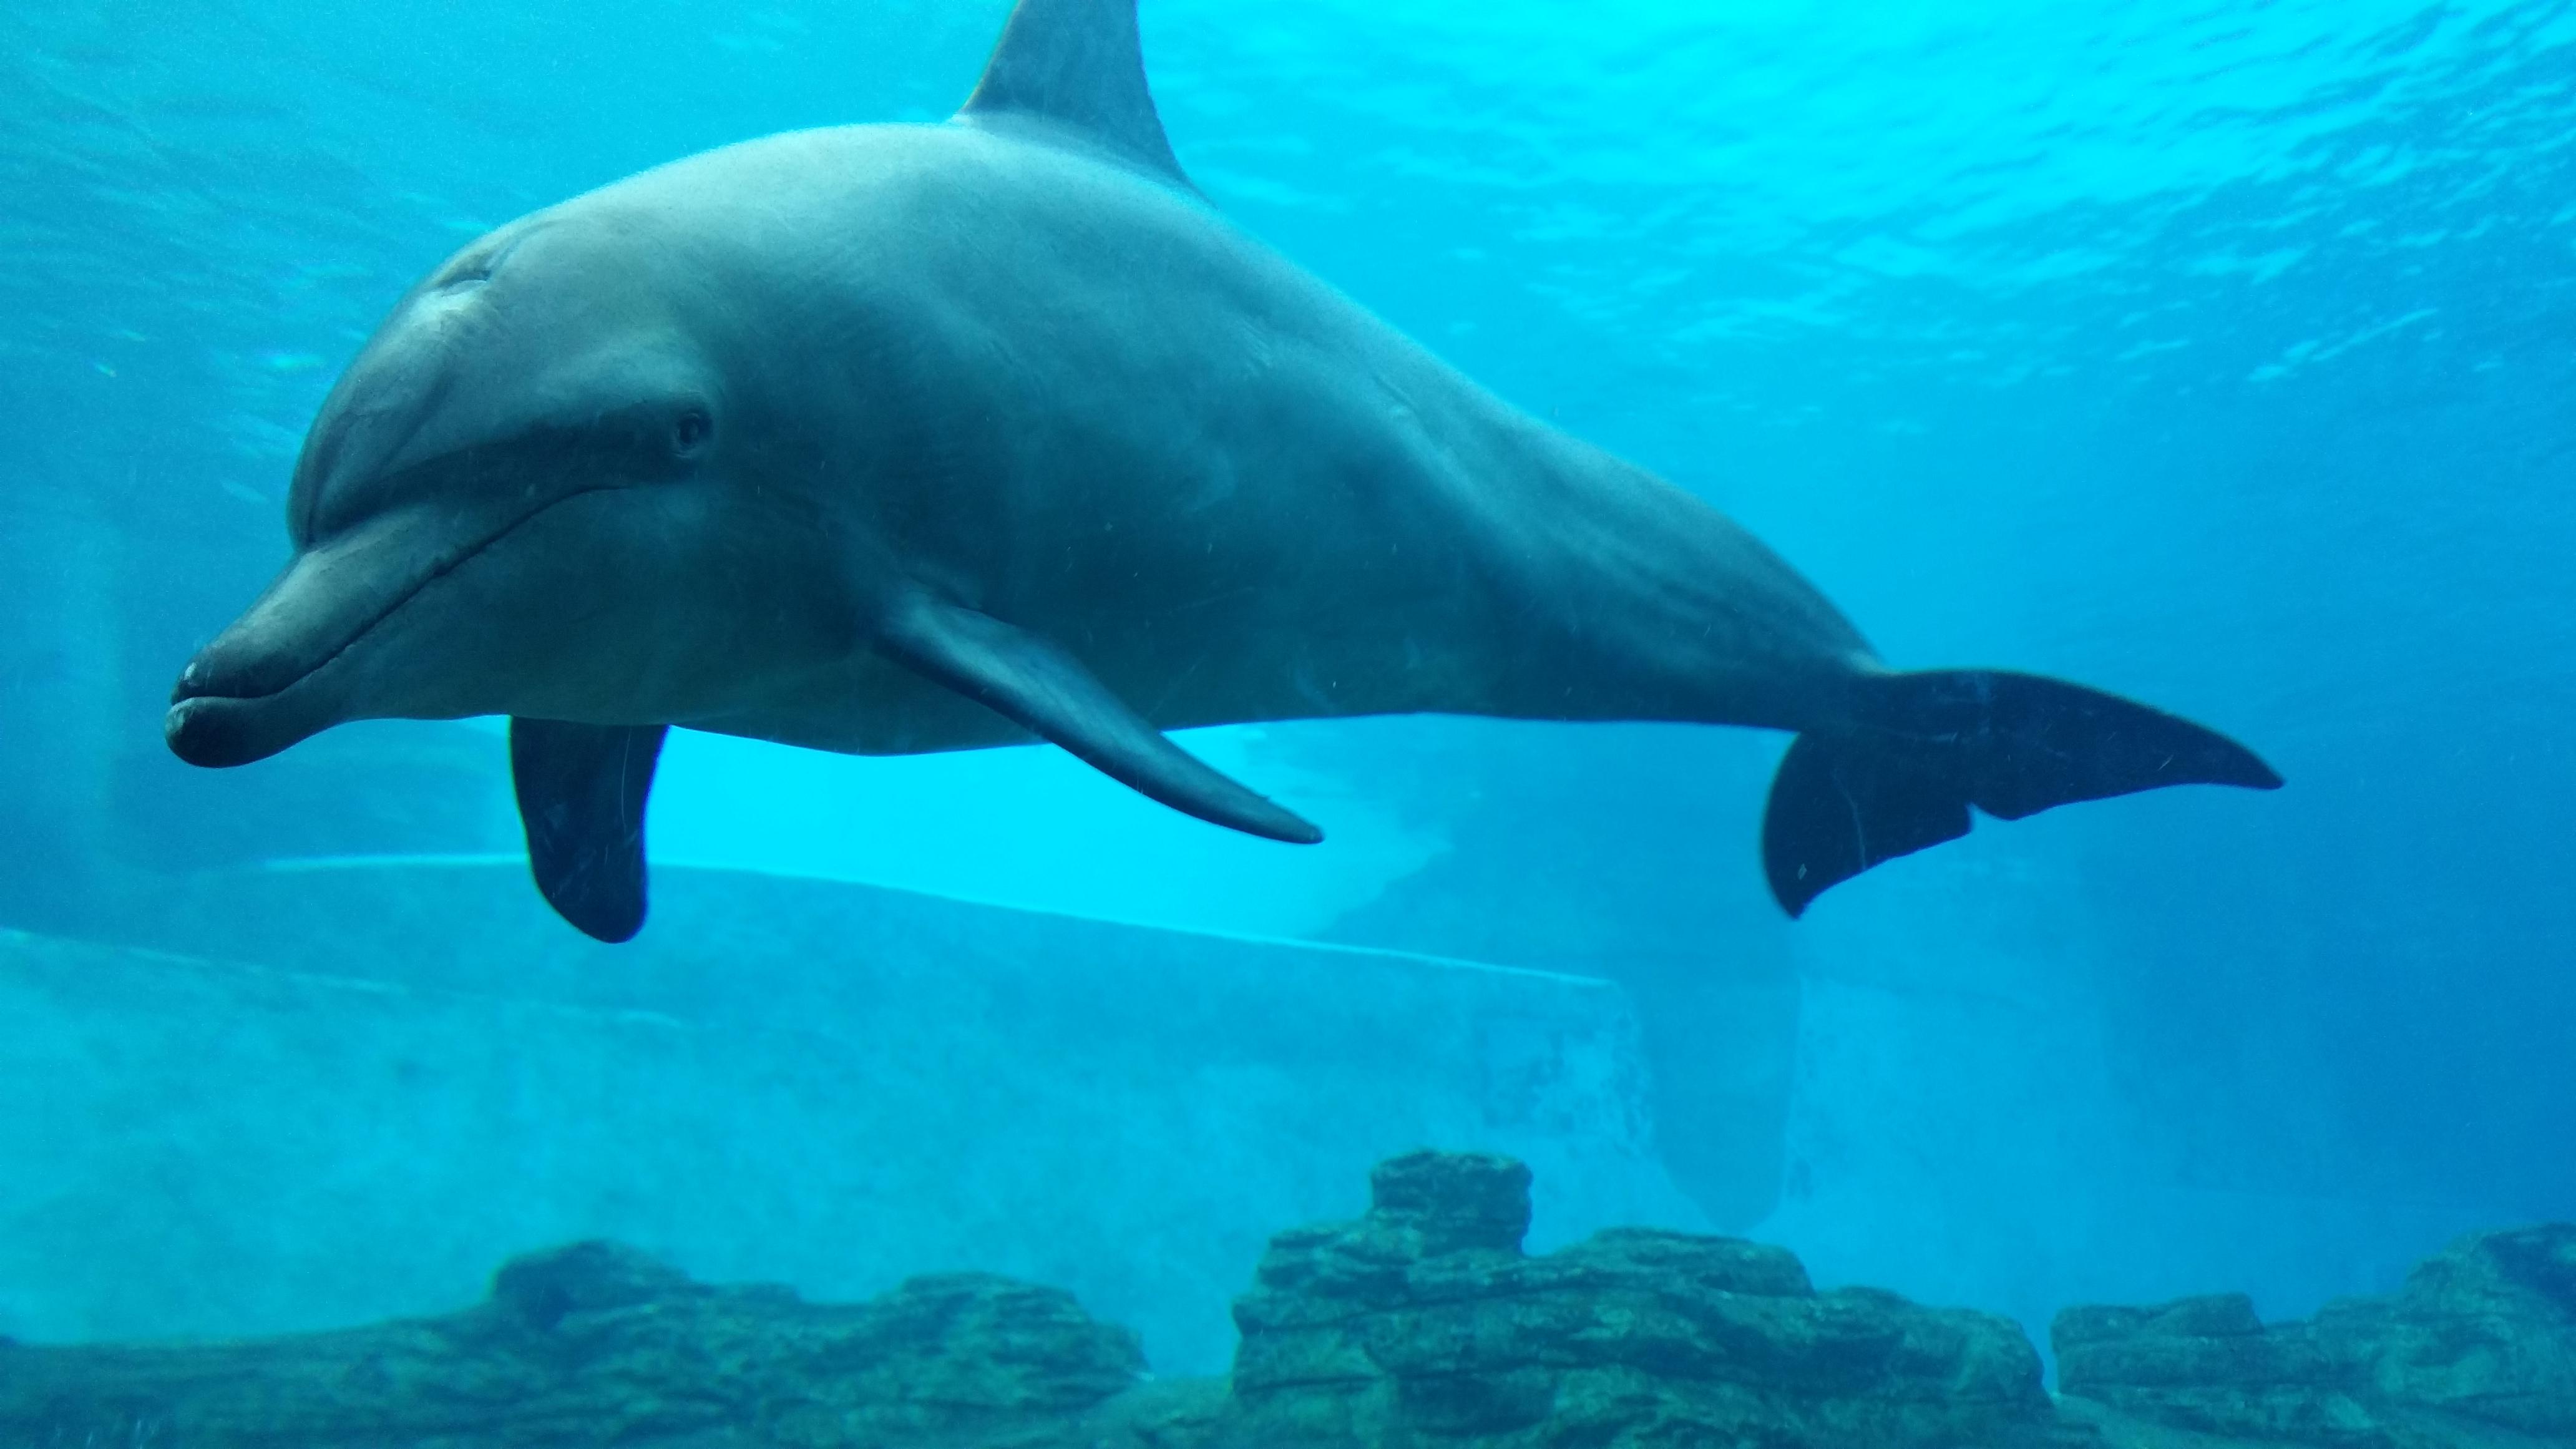 壁纸 动物 海洋动物 鲸鱼 桌面 4128_2322